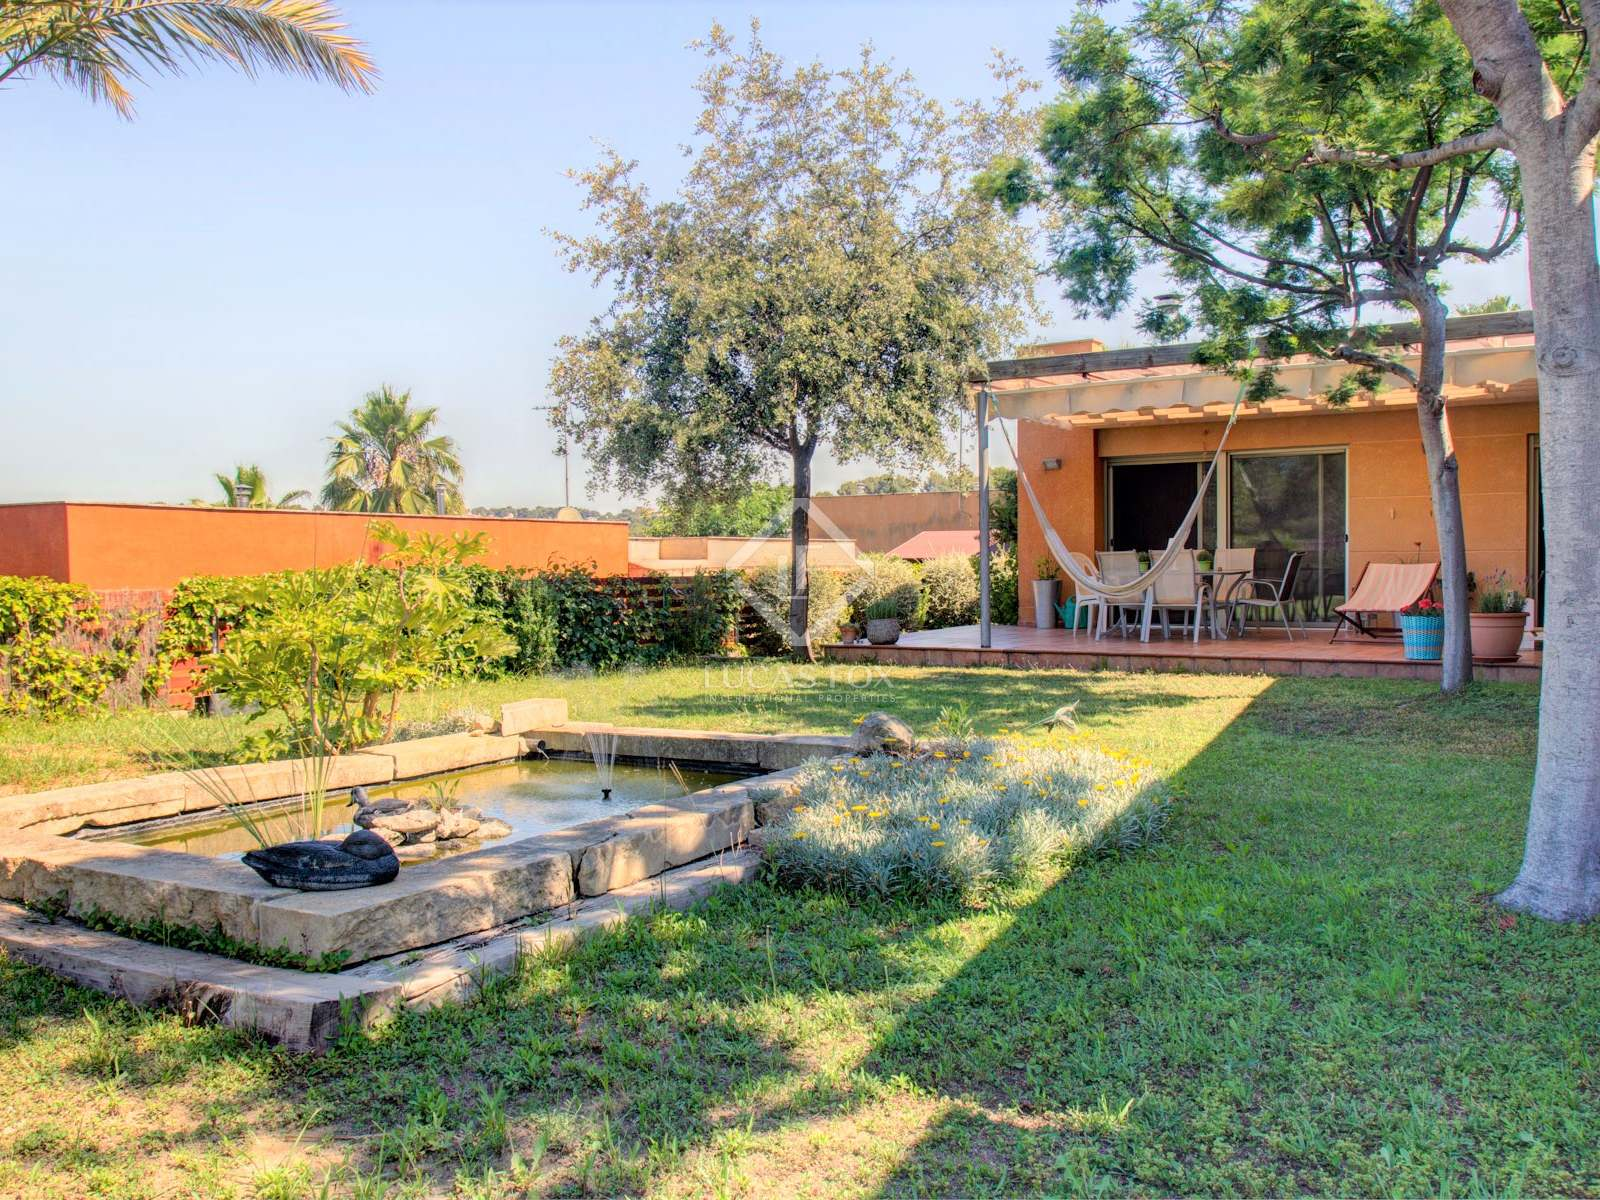 Jardín : Imagen de la vivienda